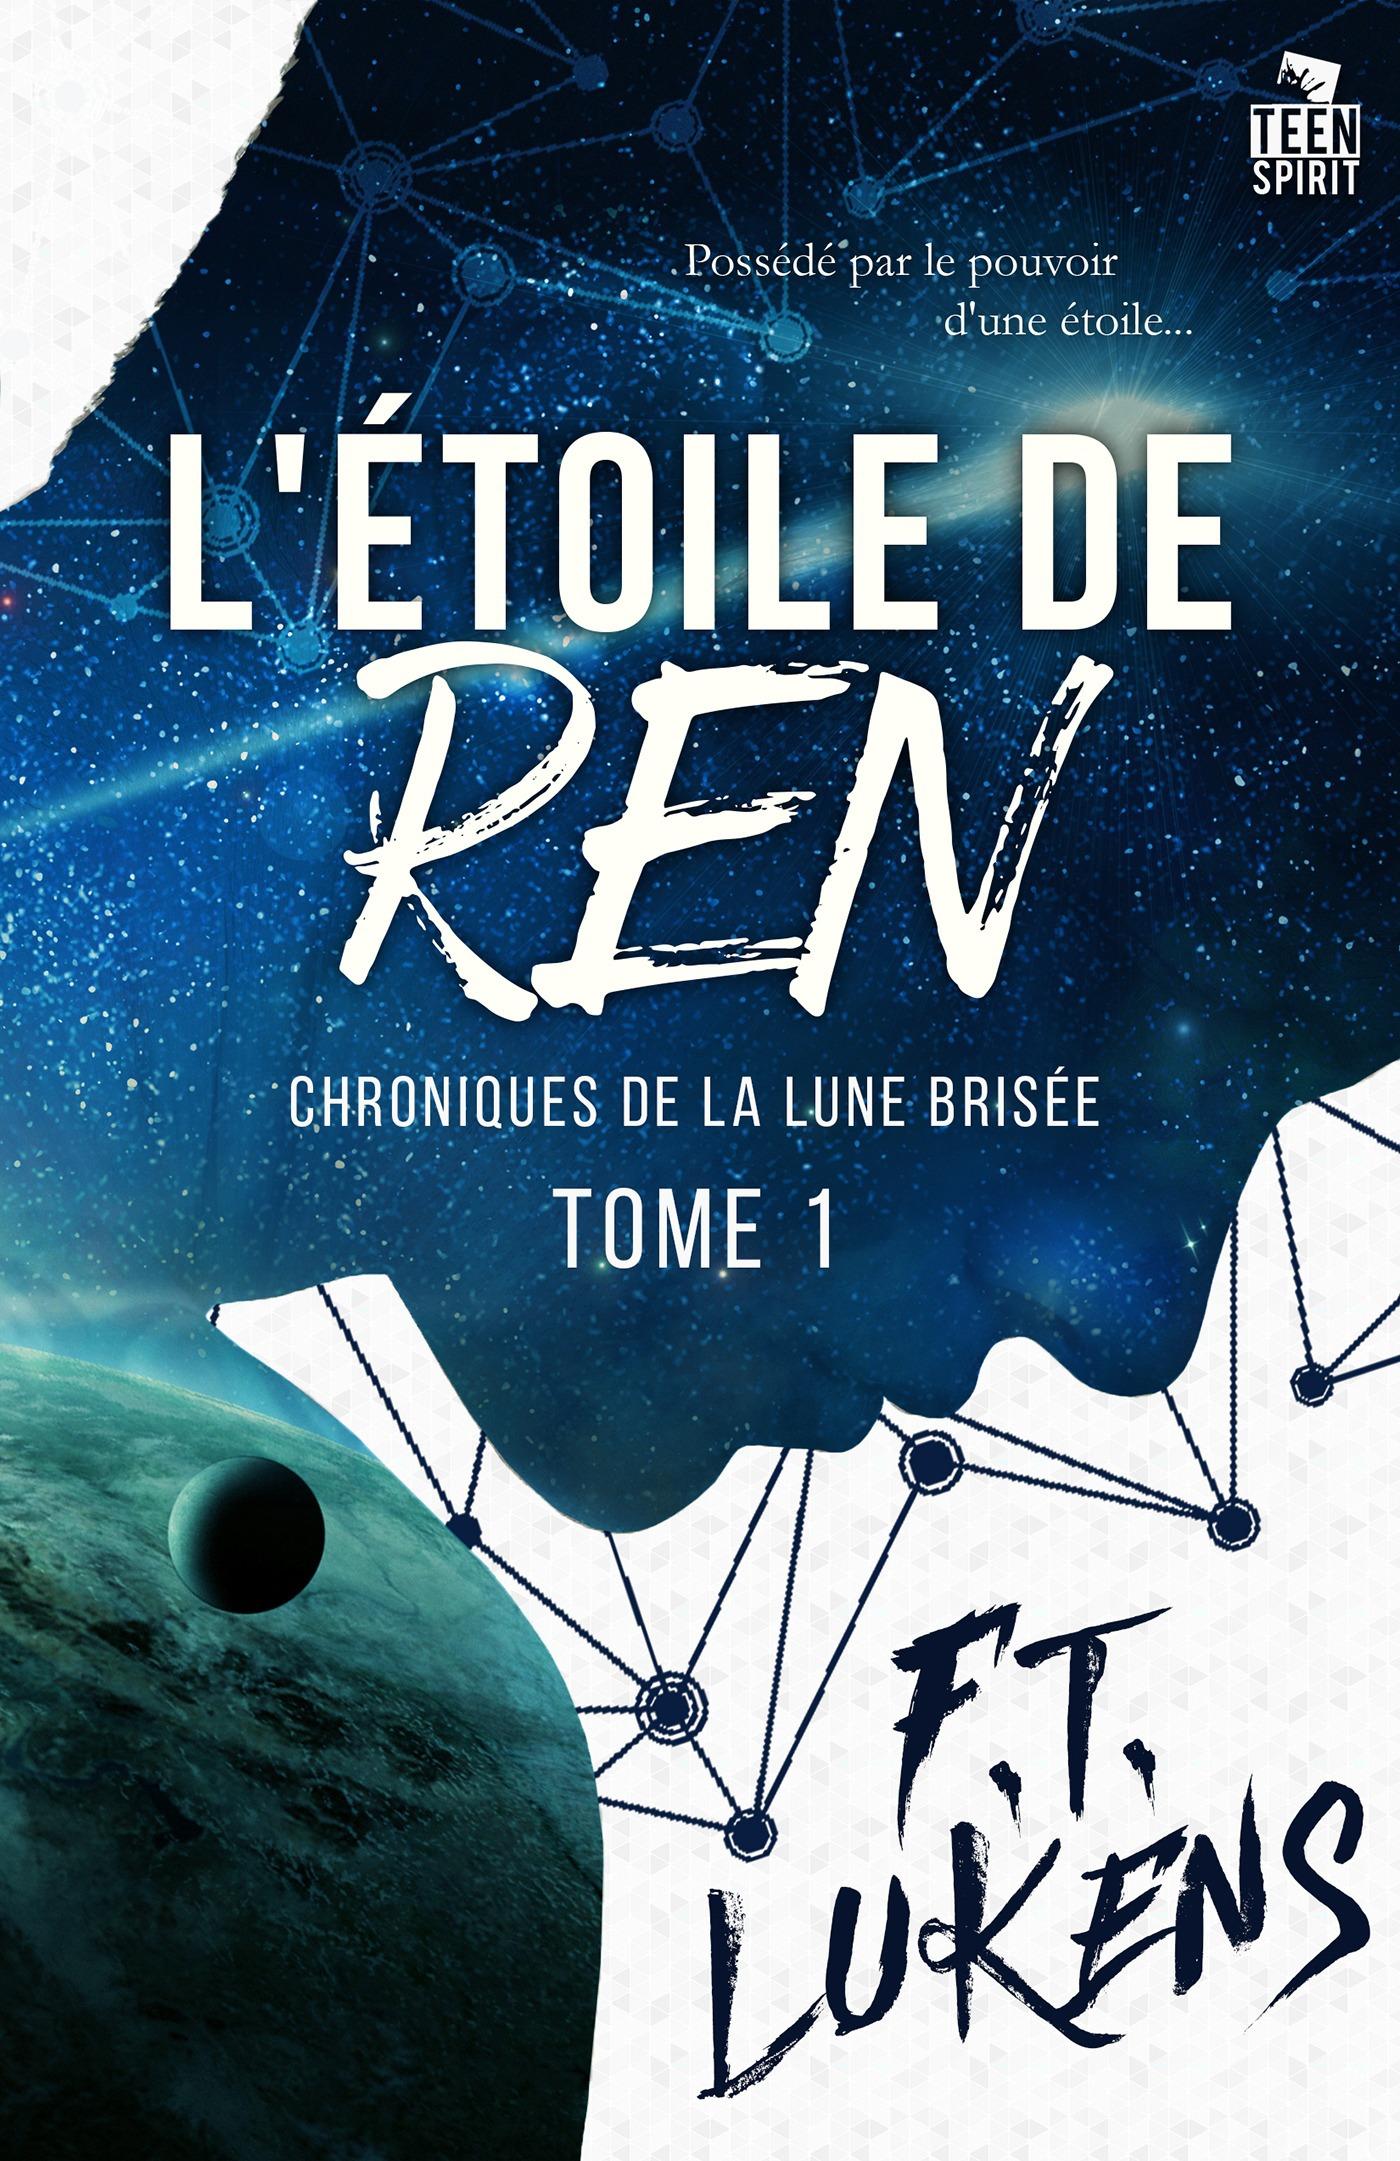 Chroniques de la lune brisee - t01 - l'etoile de ren - chroniques de la lune brisee, t1  - F.T. Lukens